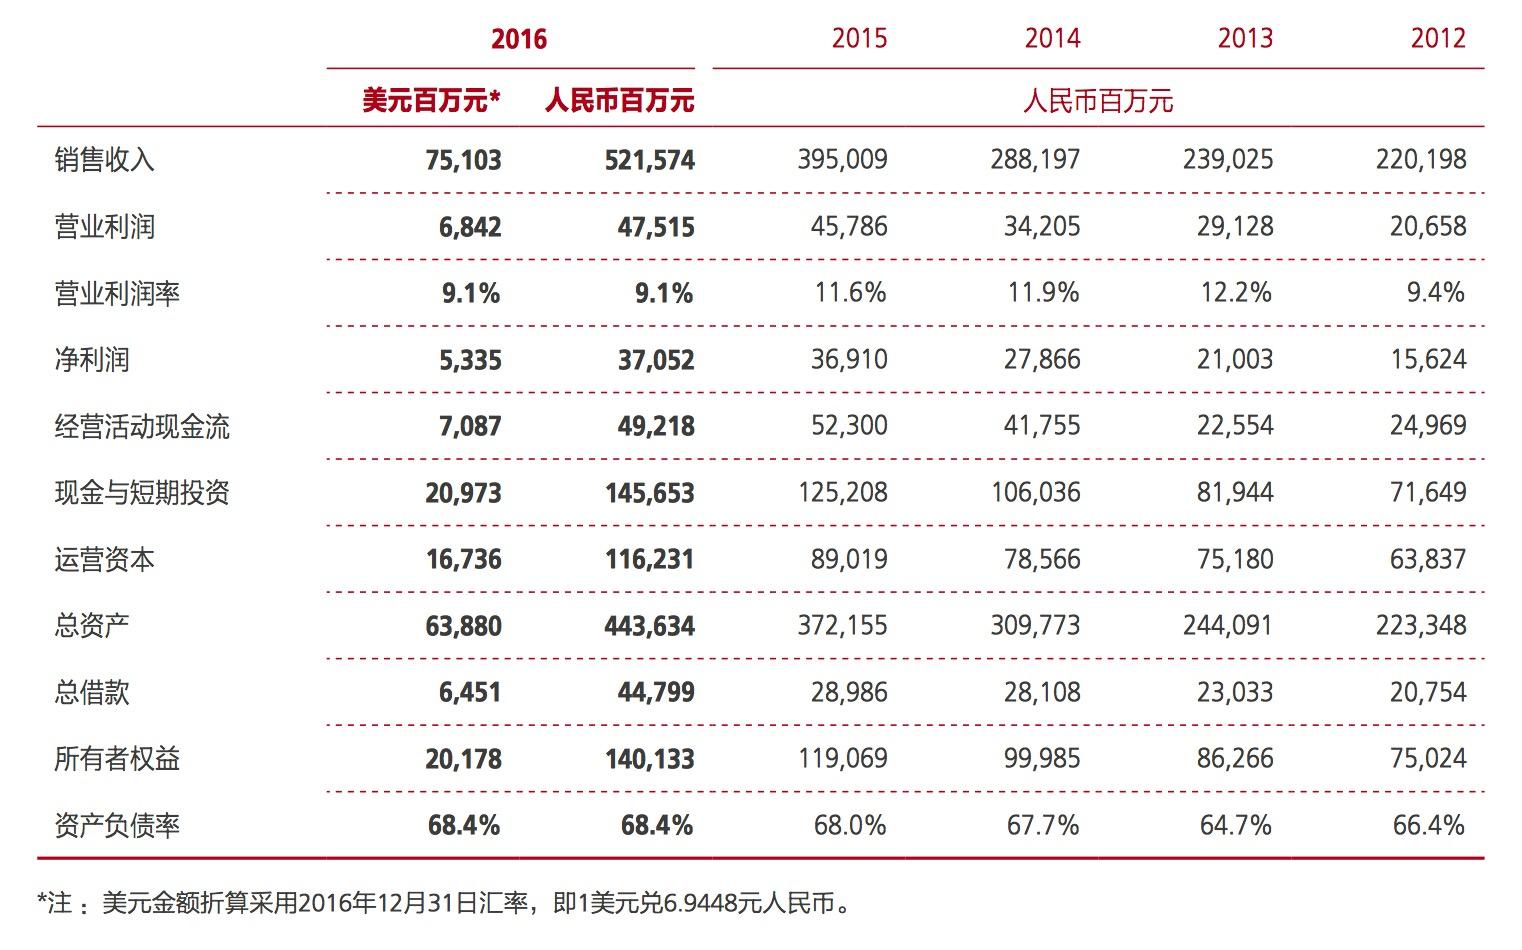 华为2016年年报解读:终端业务增长迅速,利润成焦点的照片 - 3